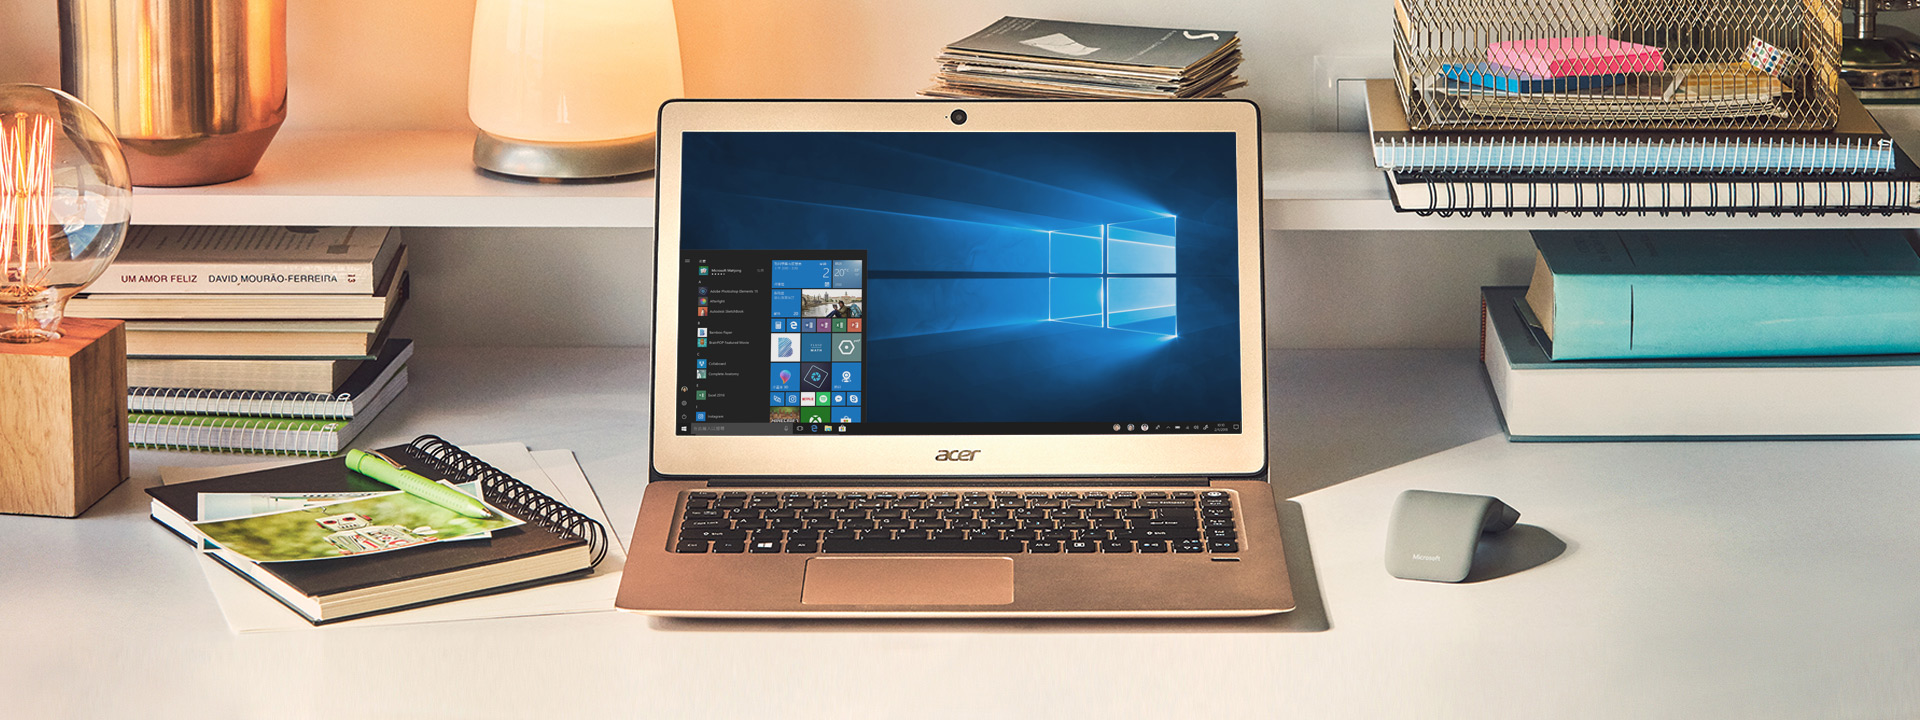 Acer 手提電腦和滑鼠放在周圍擺著書籍和筆記本的桌上